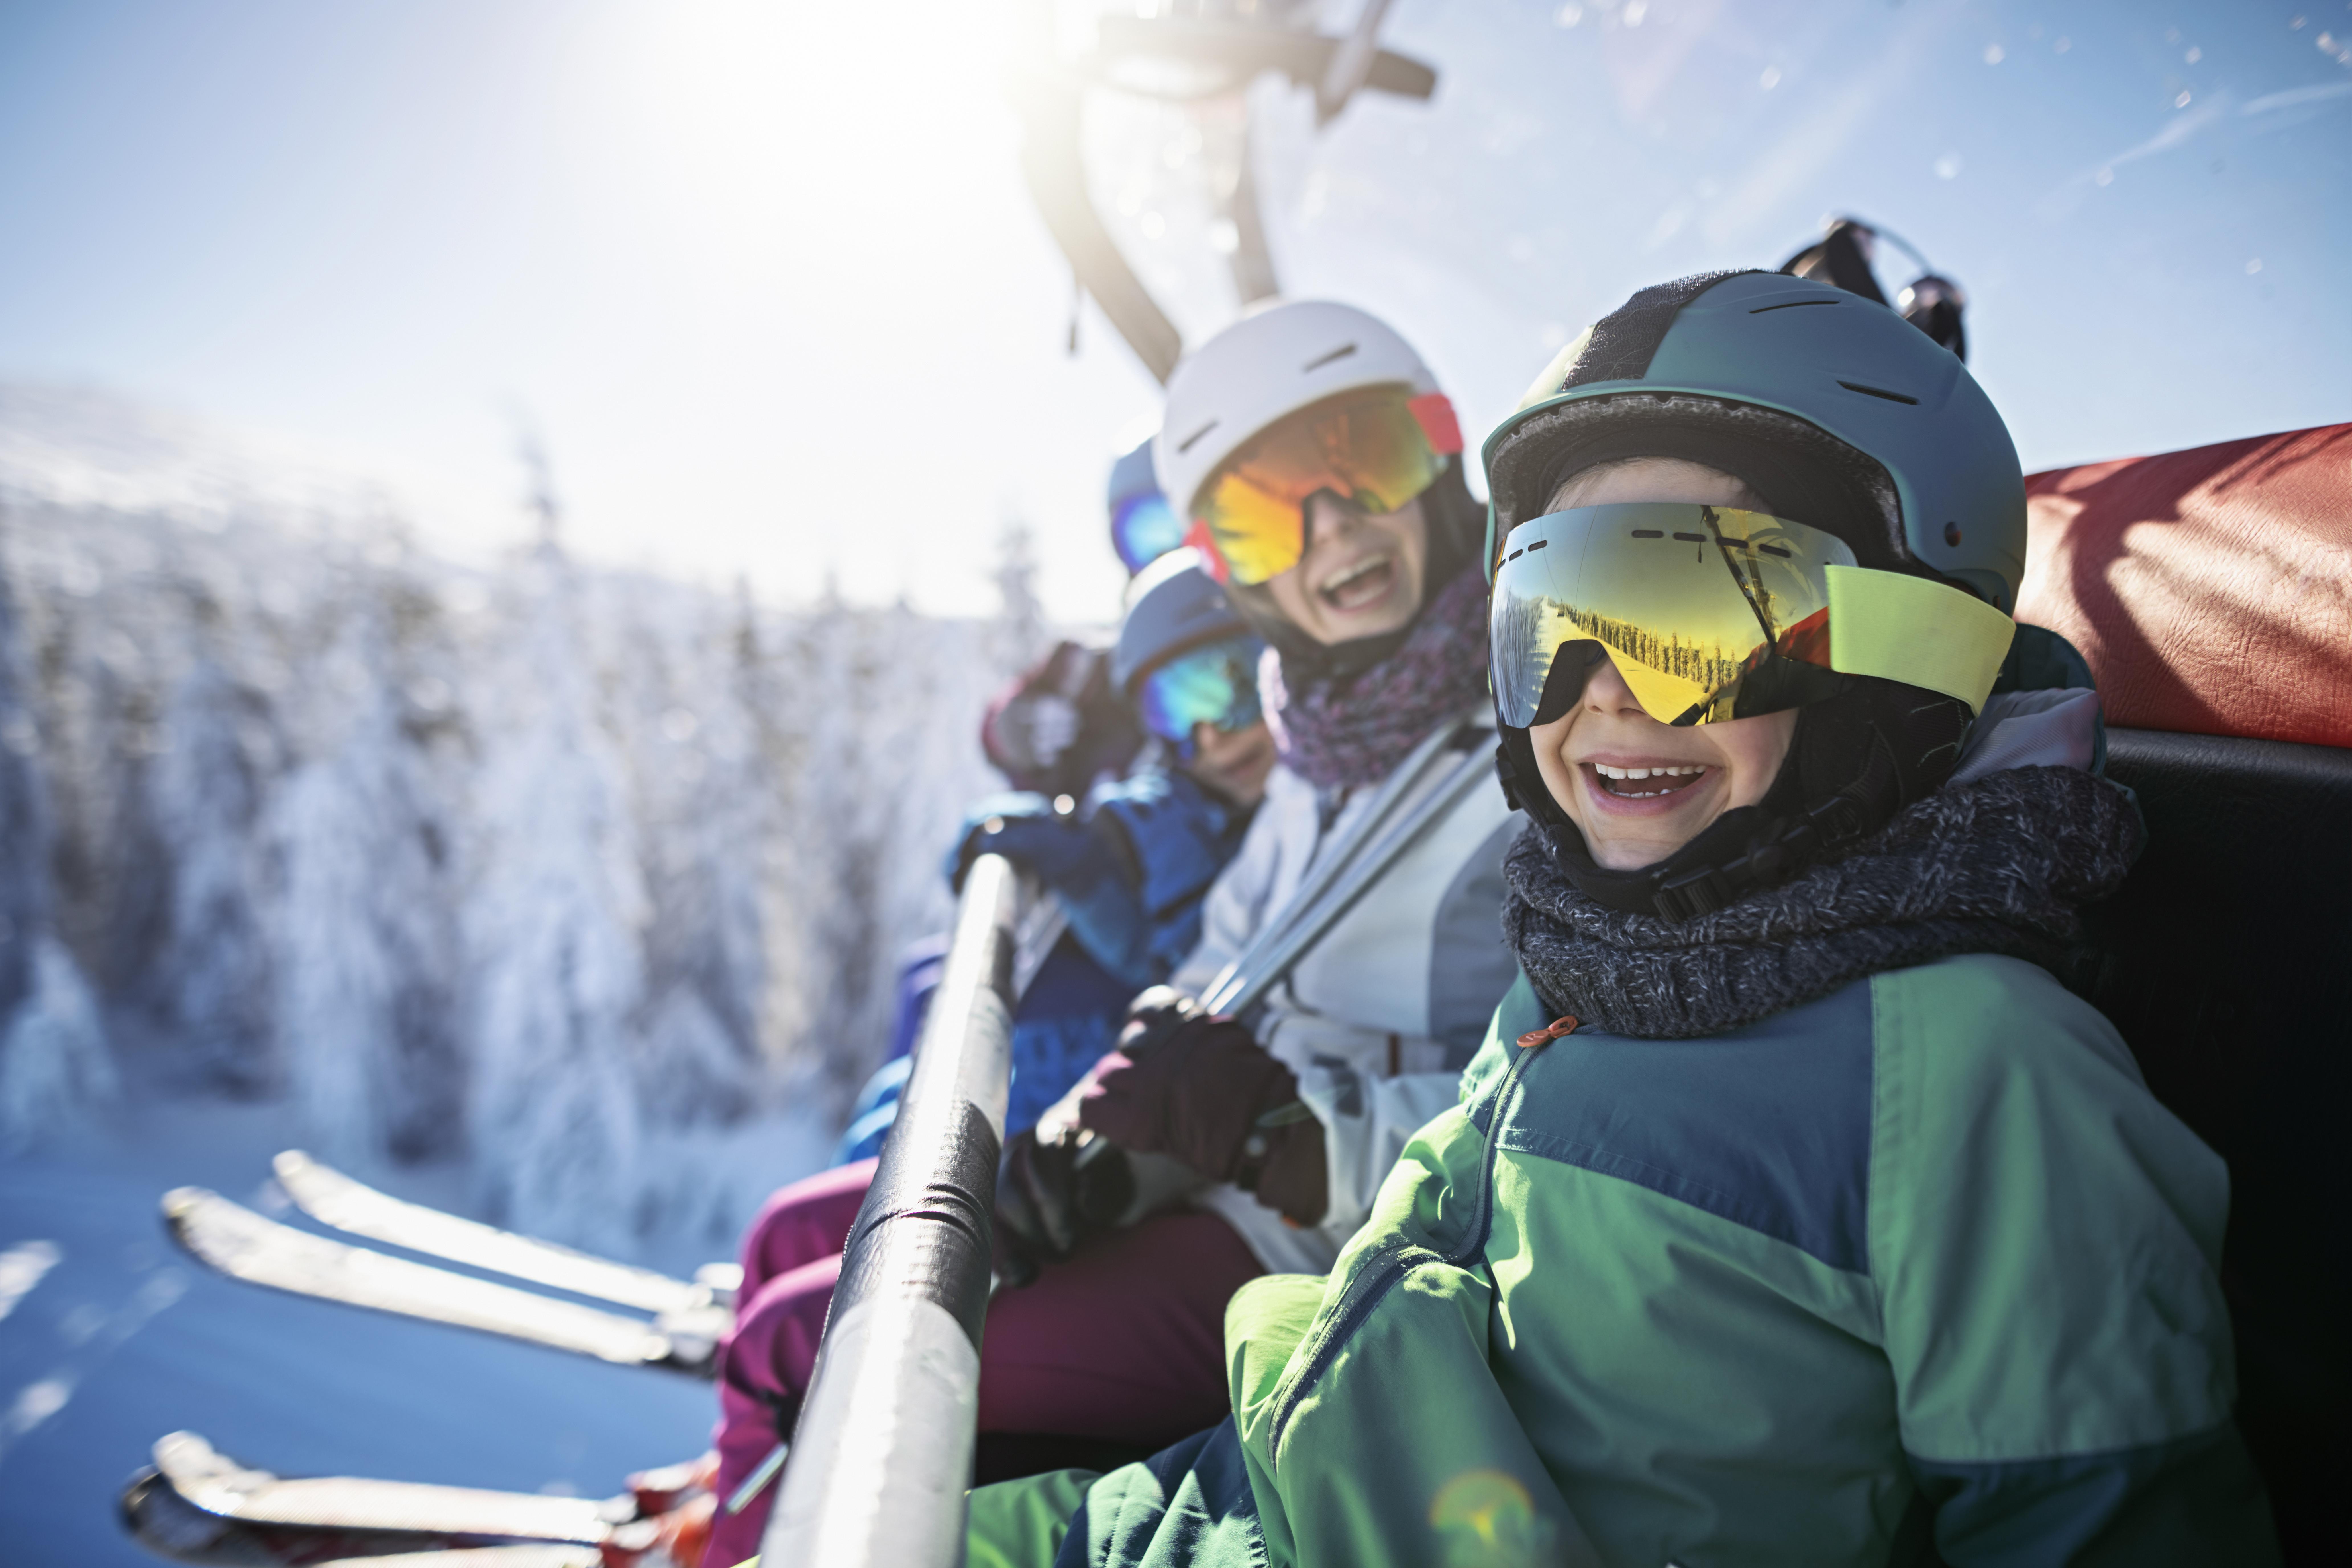 Gutschein Snowboard Ski Verleih Center Bonn